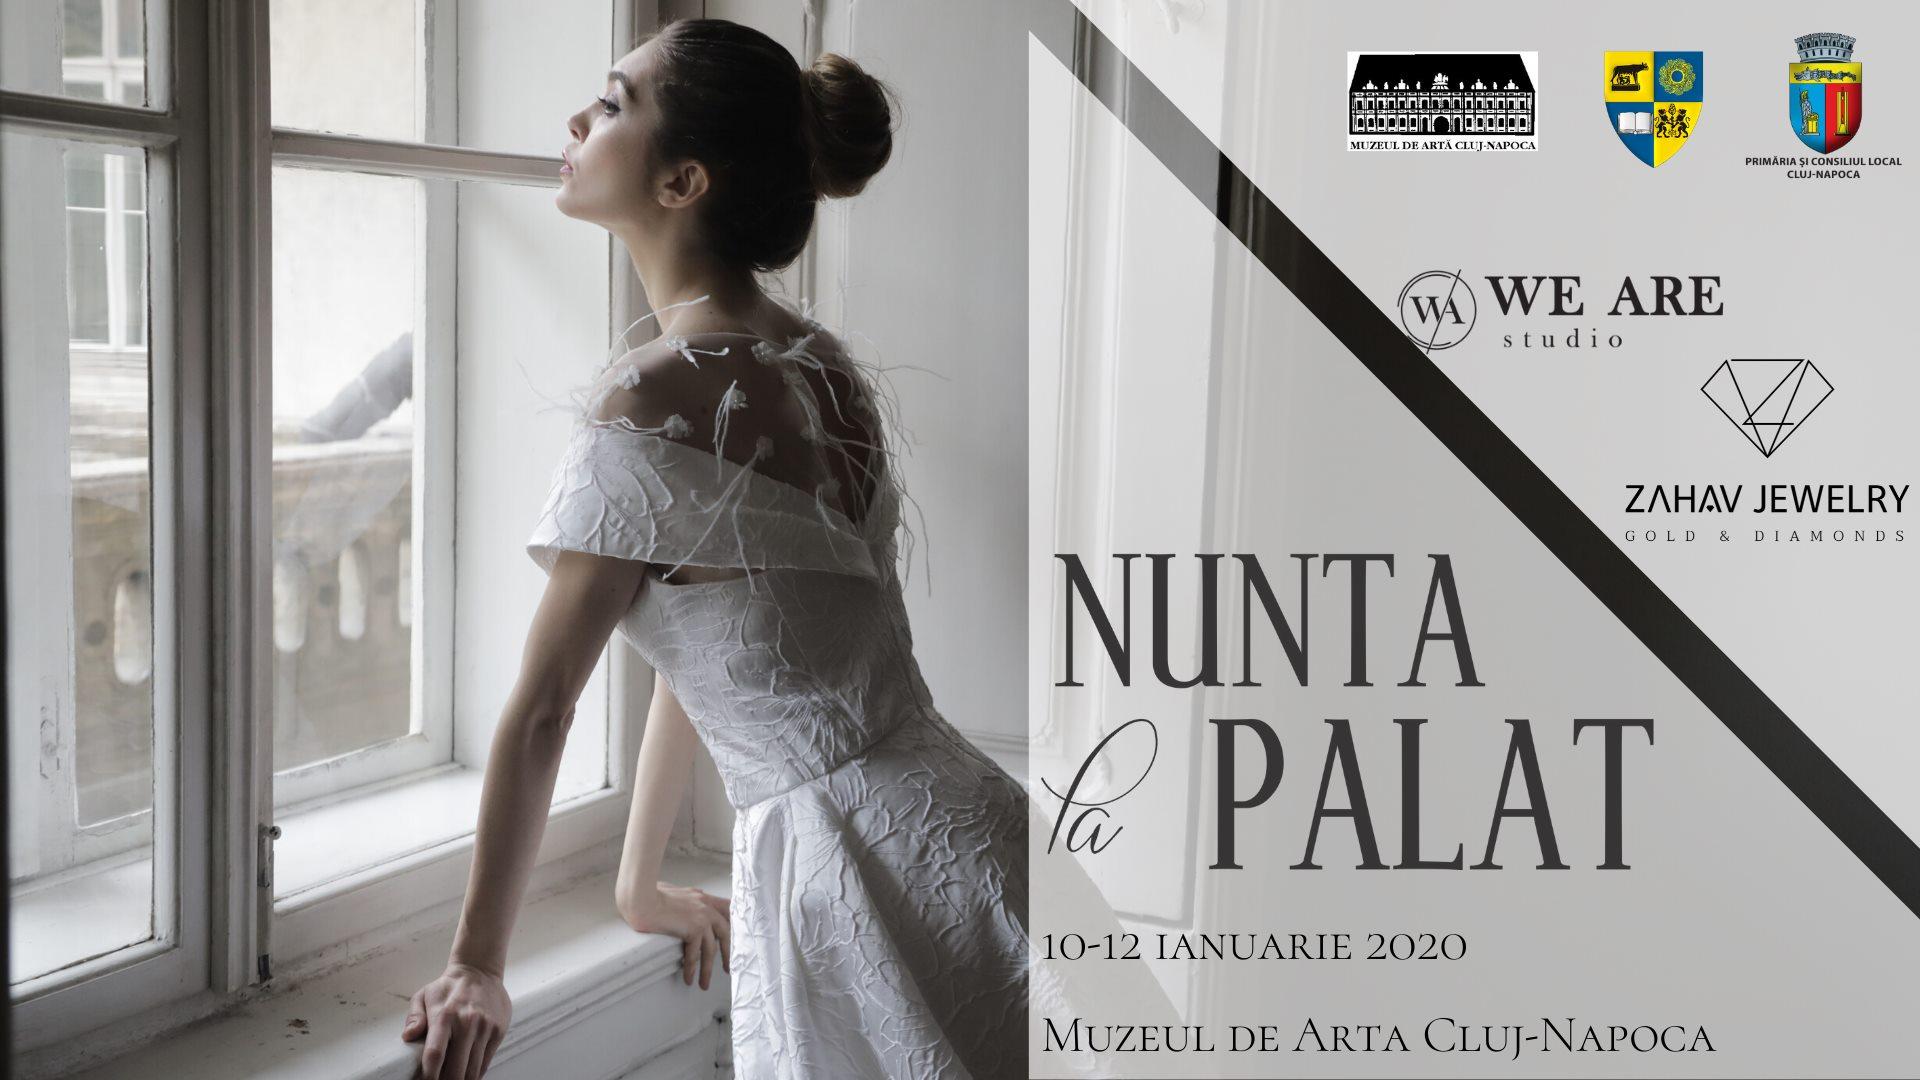 Nuntă la Palat – expoziție de nunti